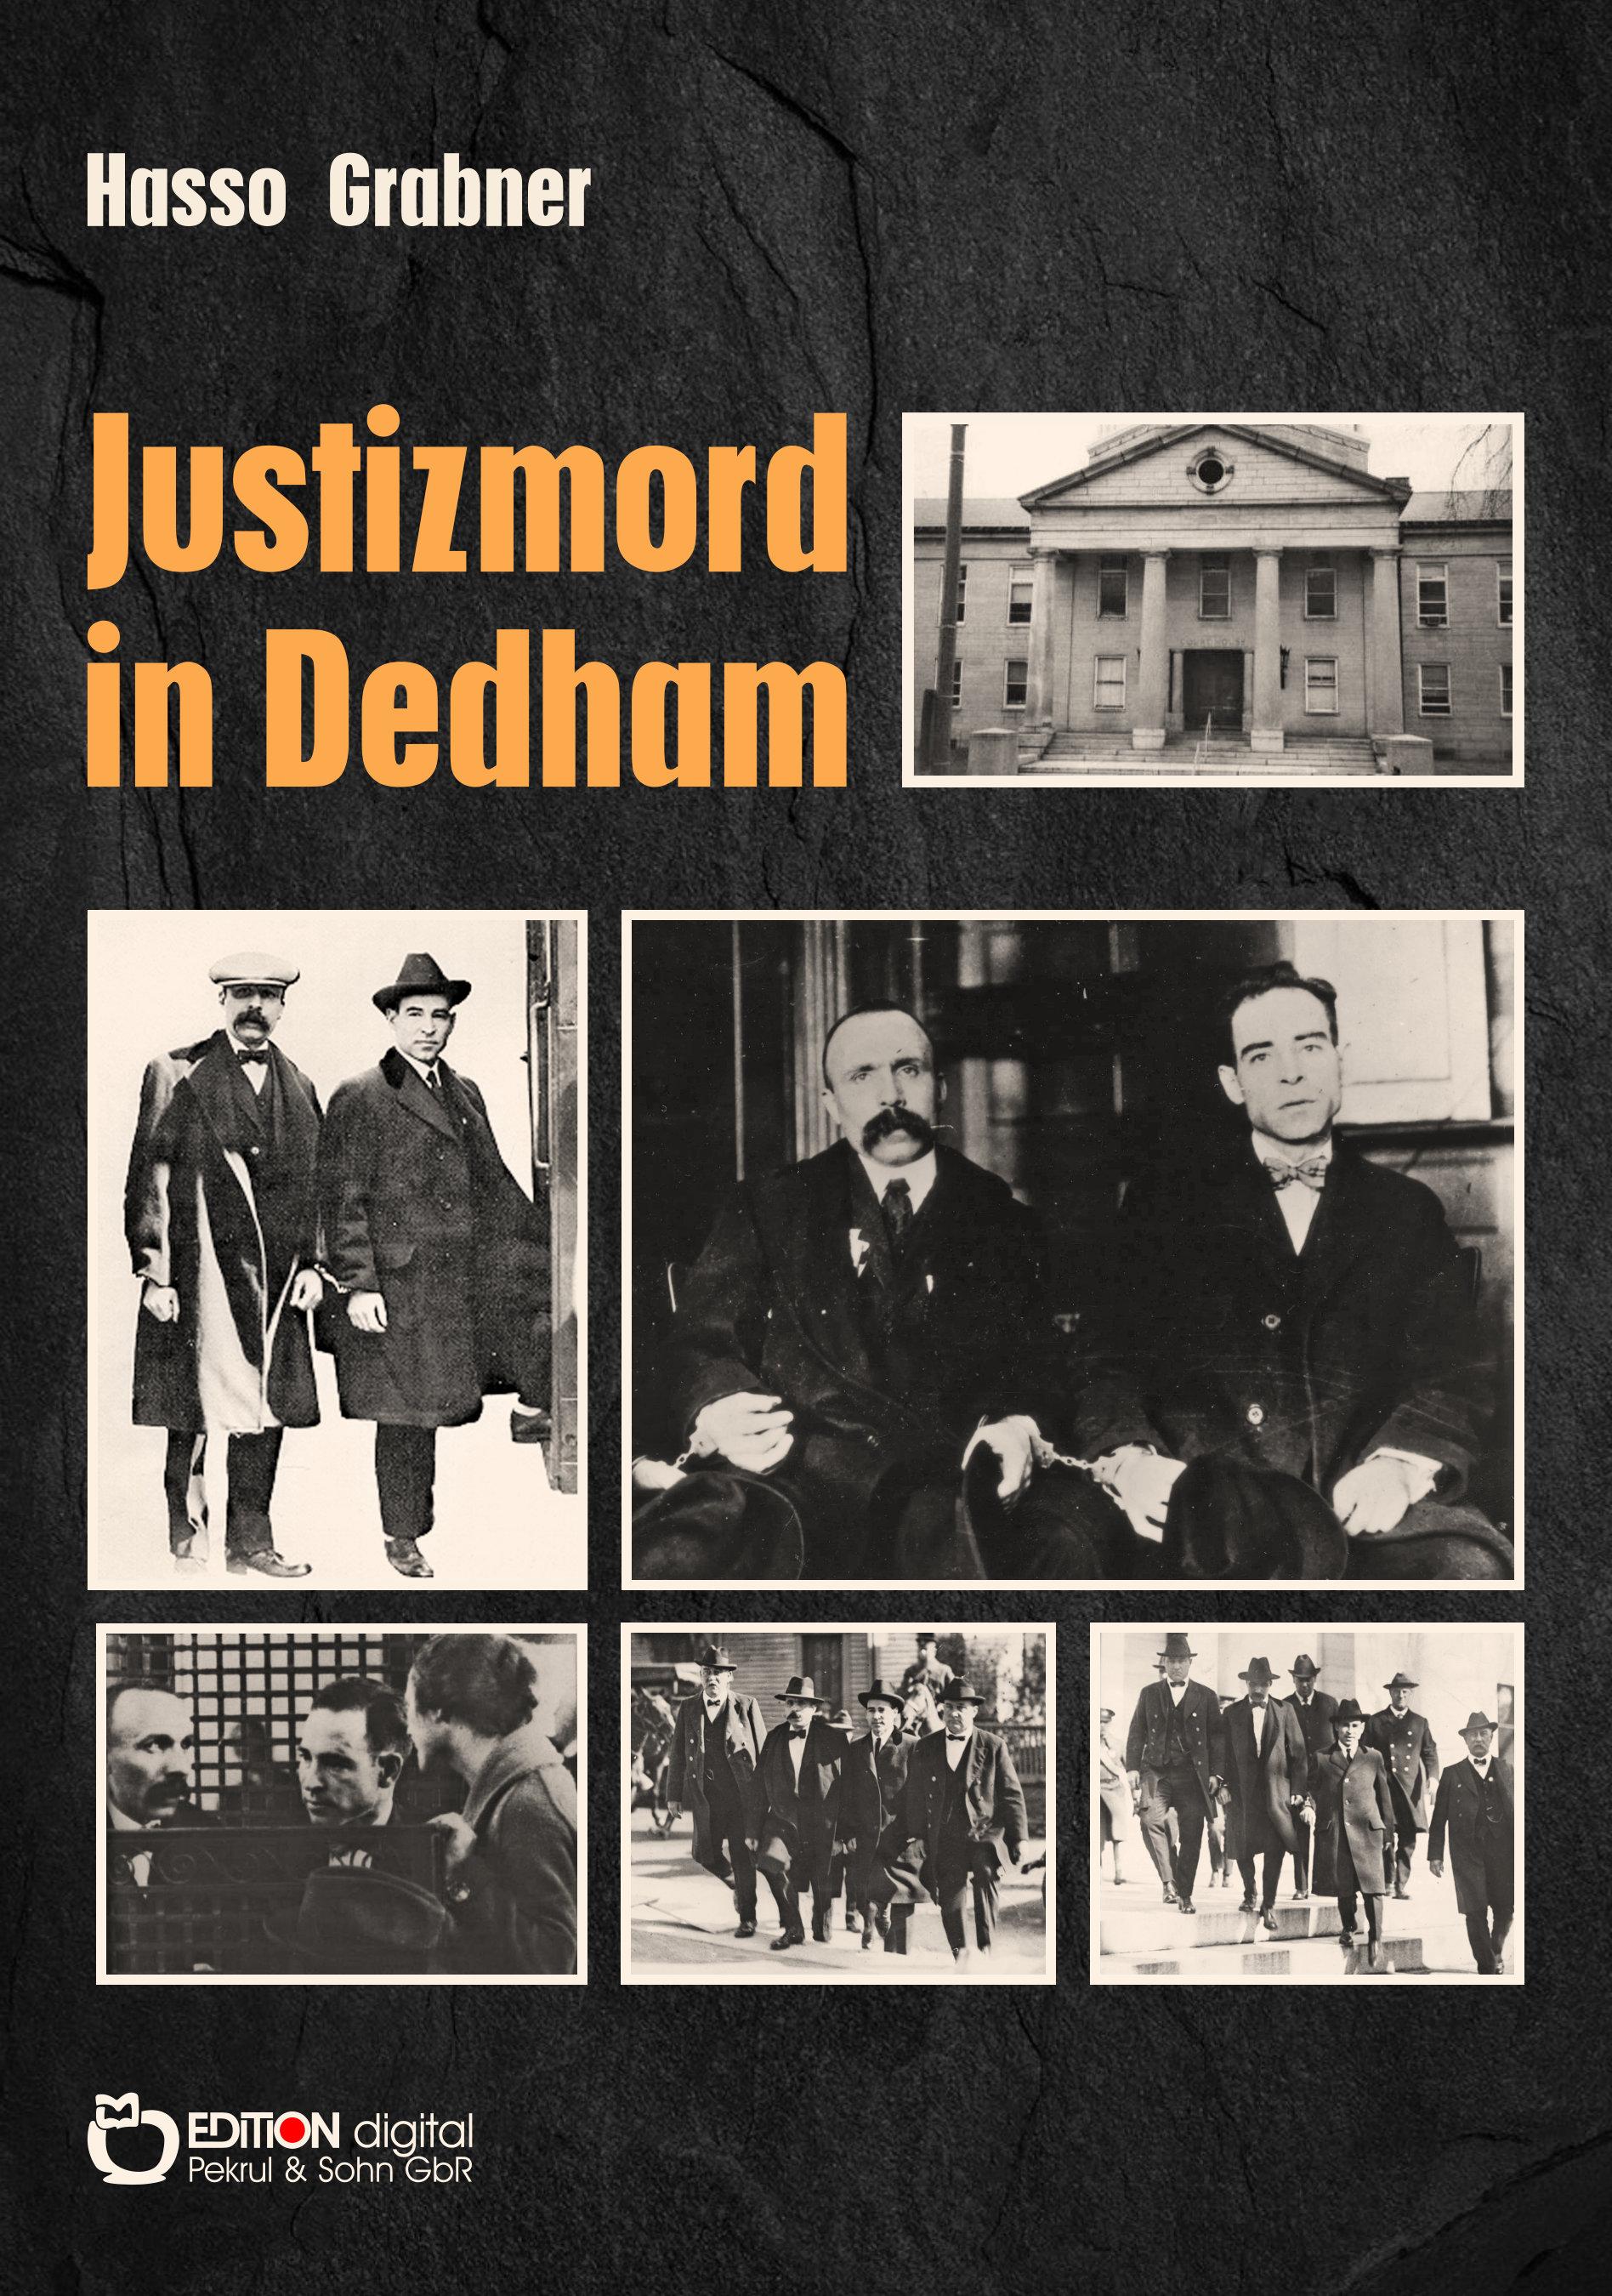 Justizmord in Dedham von Hasso Grabner